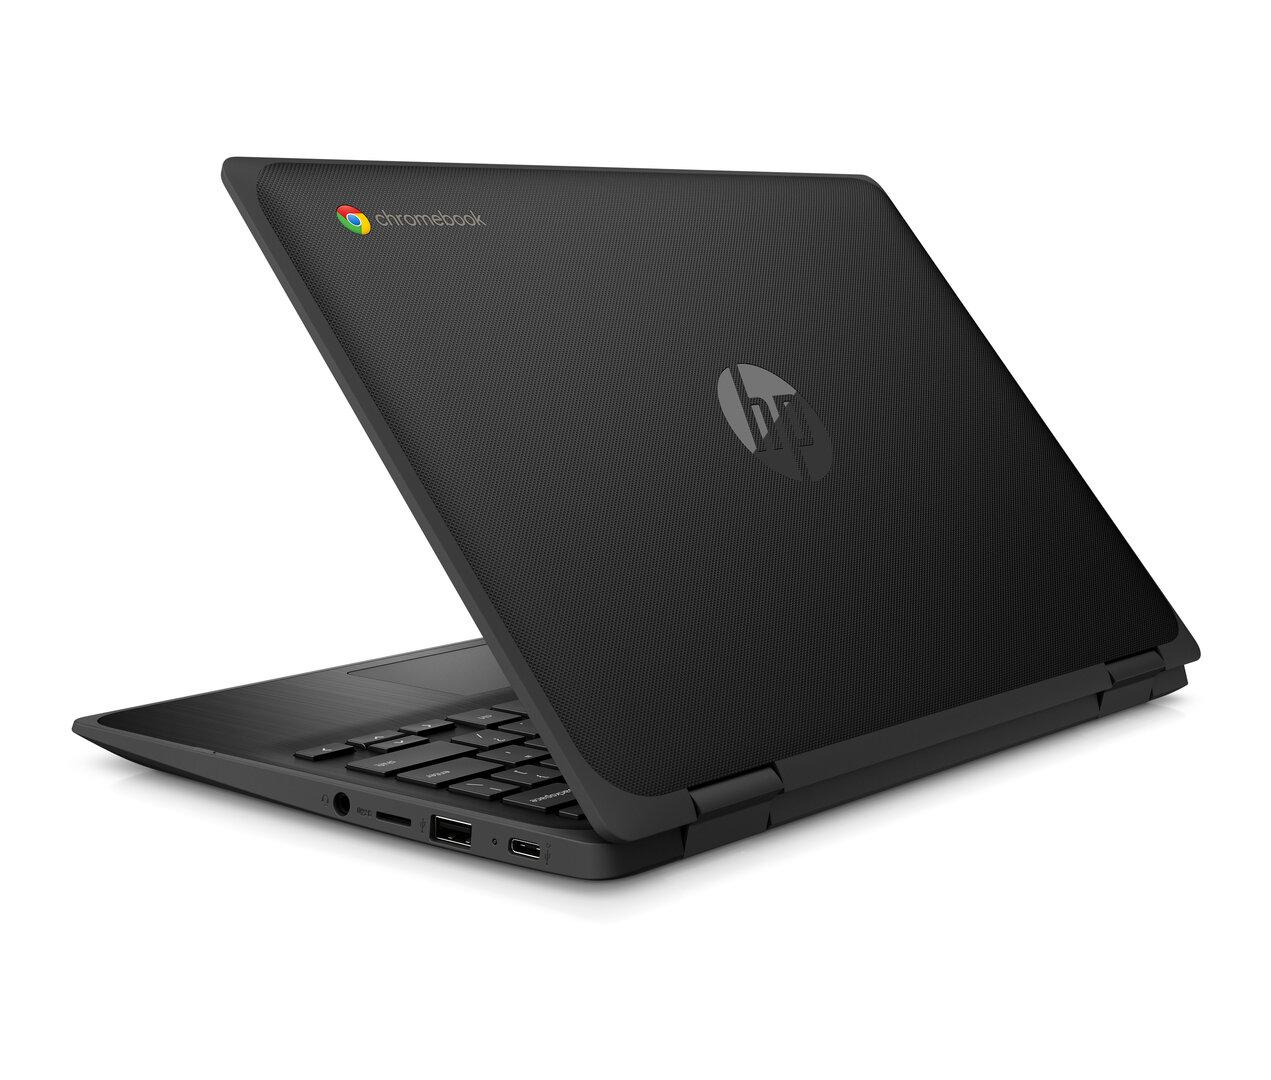 HP Chromebook x360 11MK G3 EE (Jet Black)